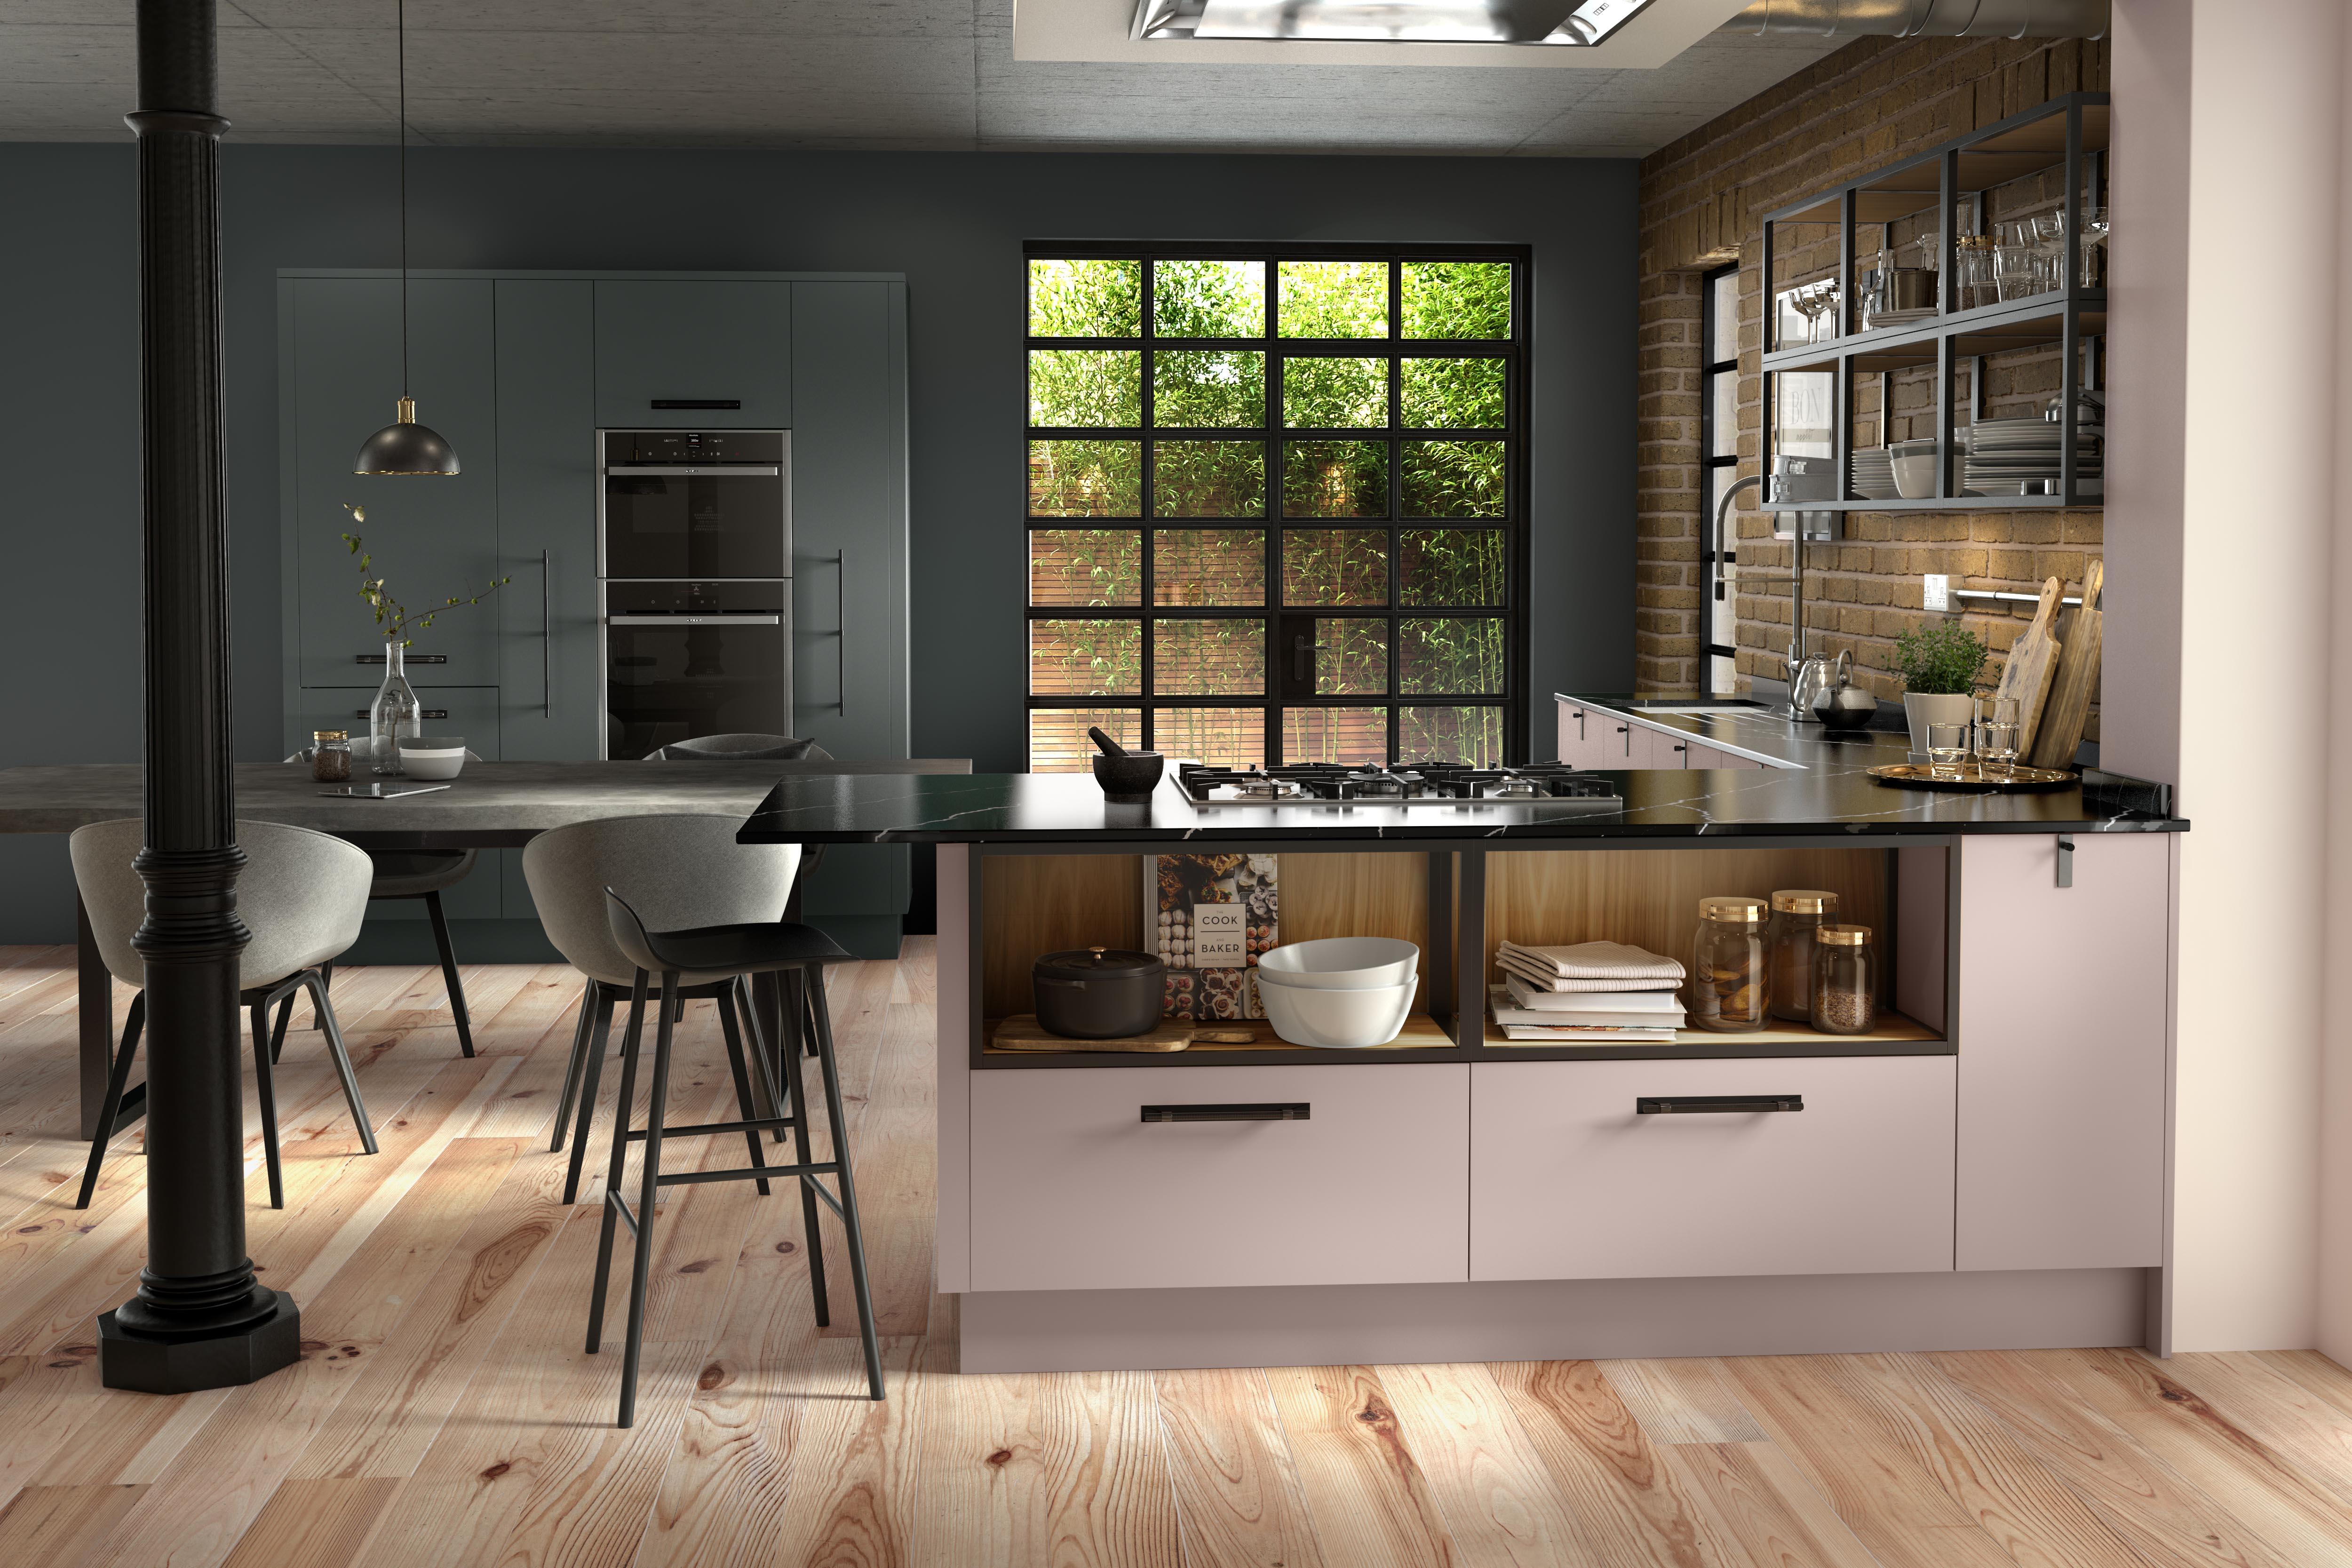 Believer kitchen Crestwood of Lymington